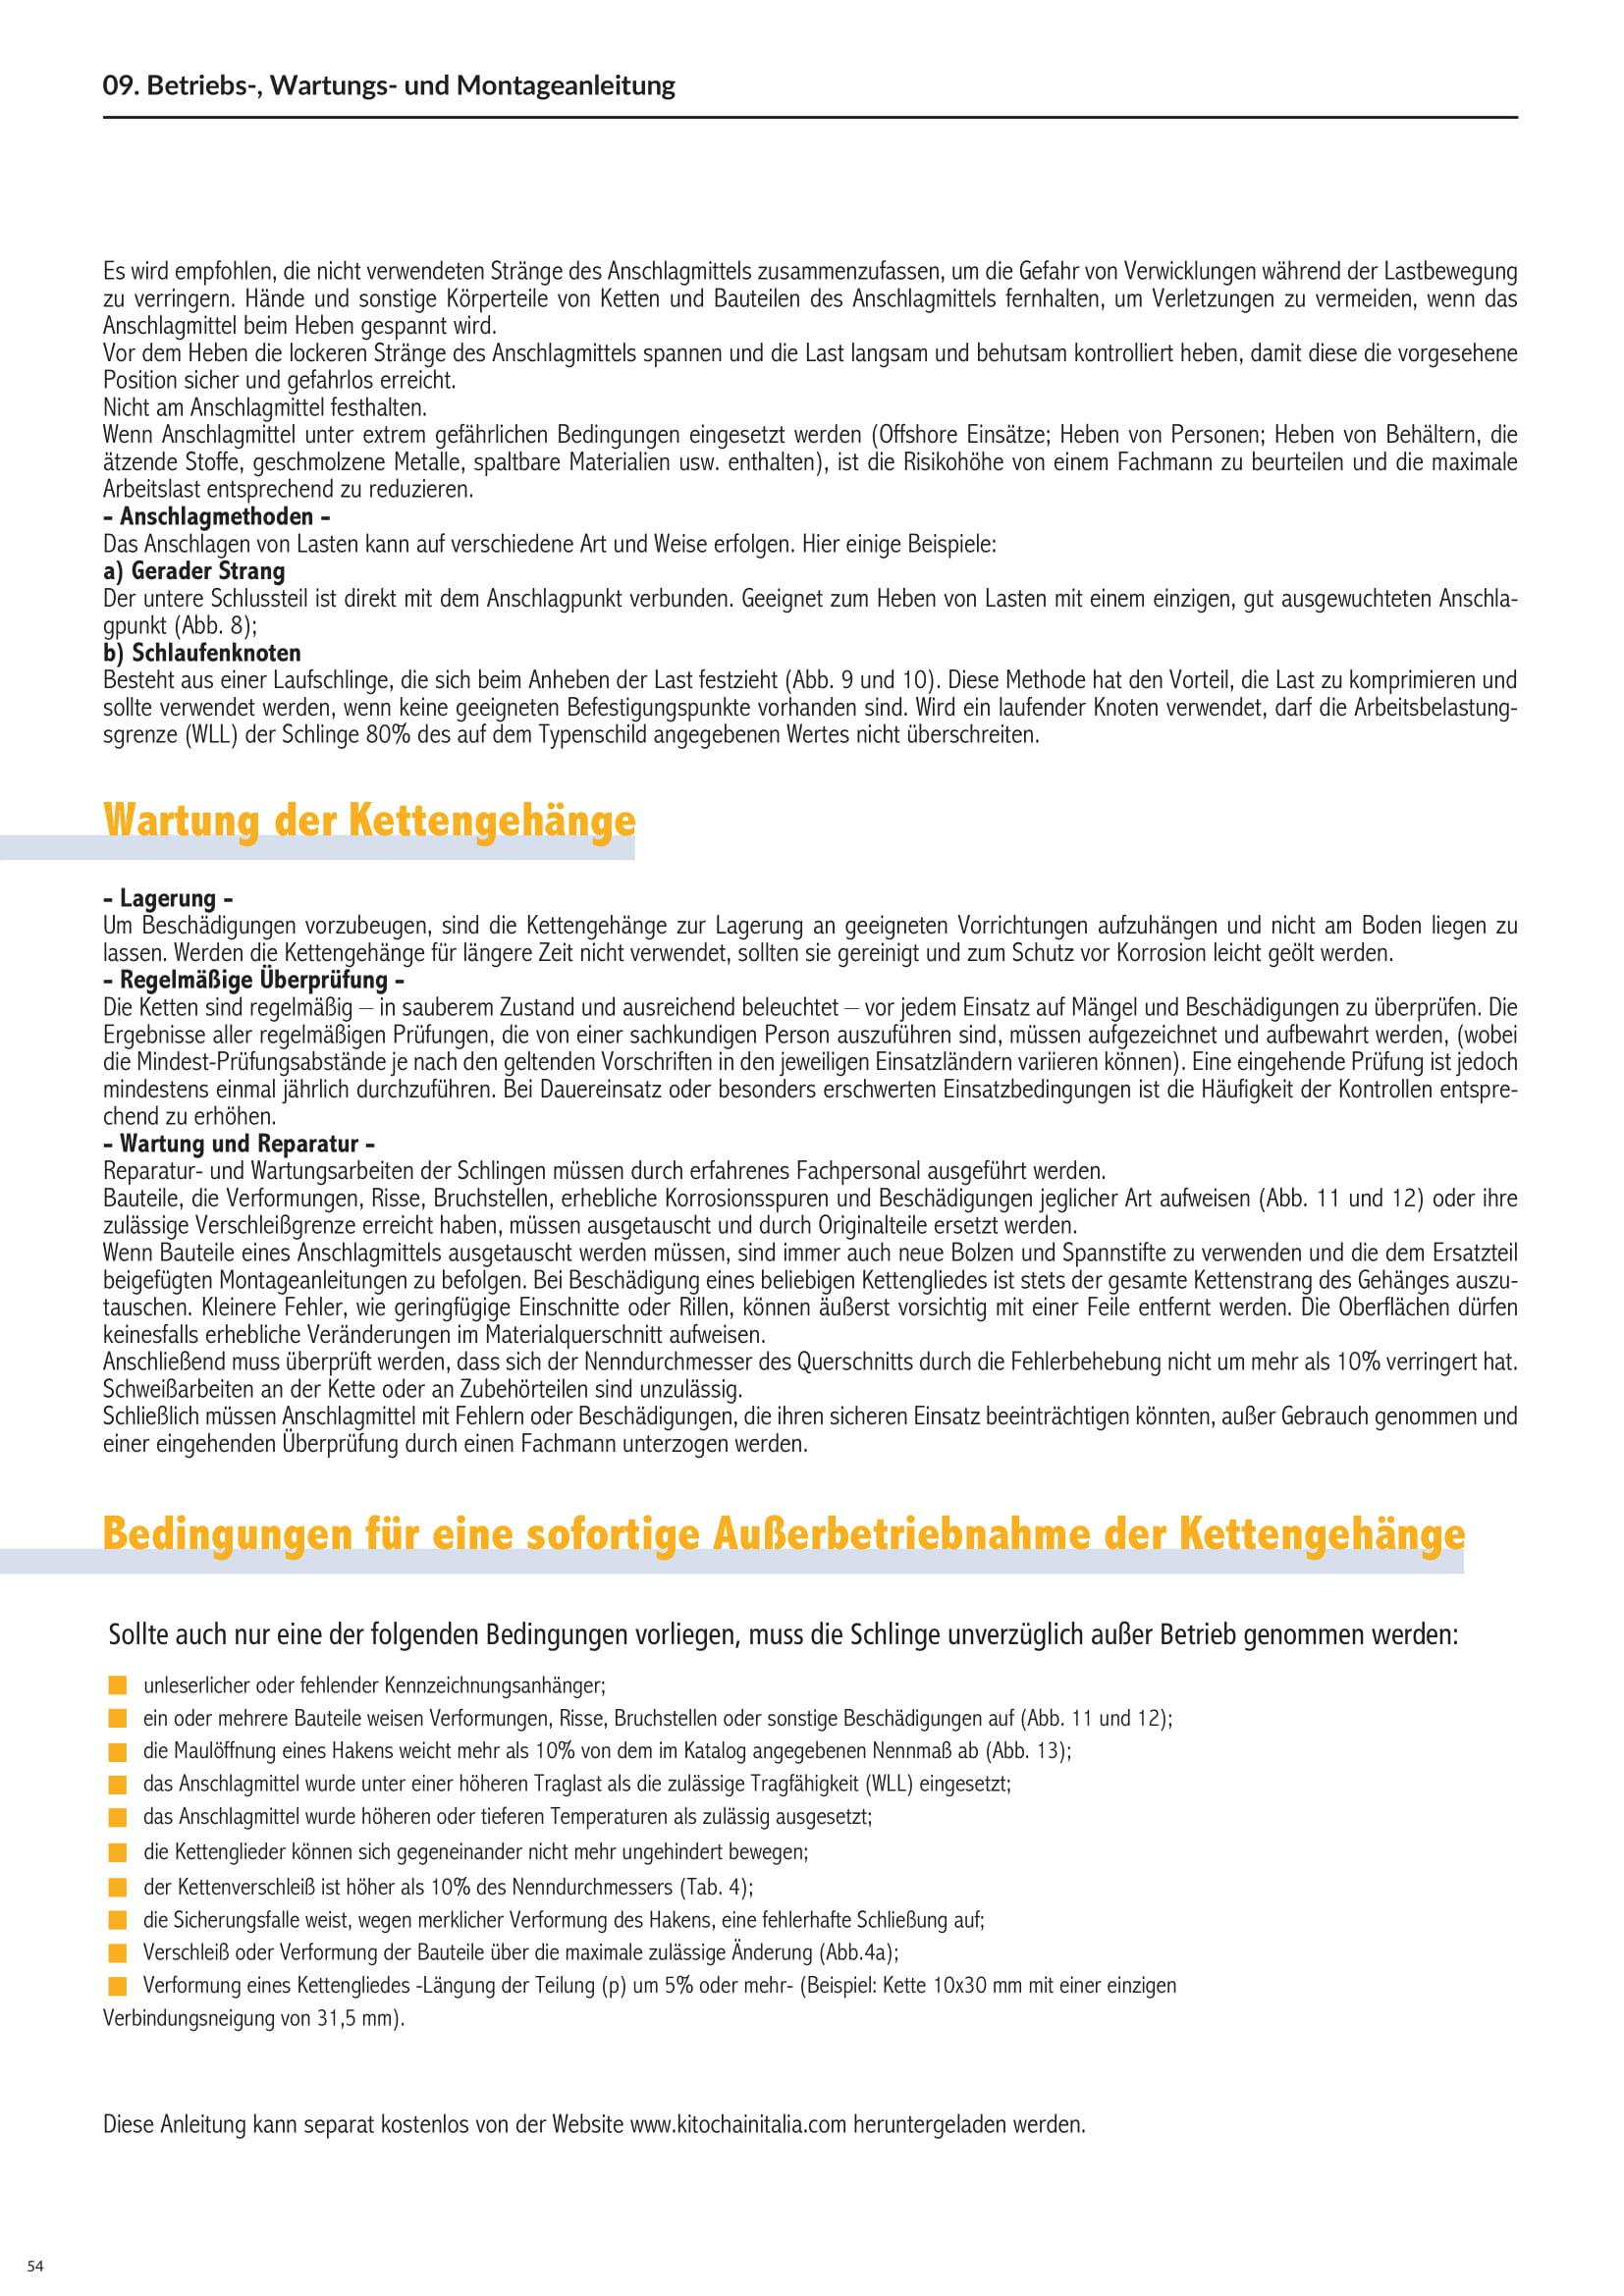 Kito-Weissenfels-manual-ed6-de-4